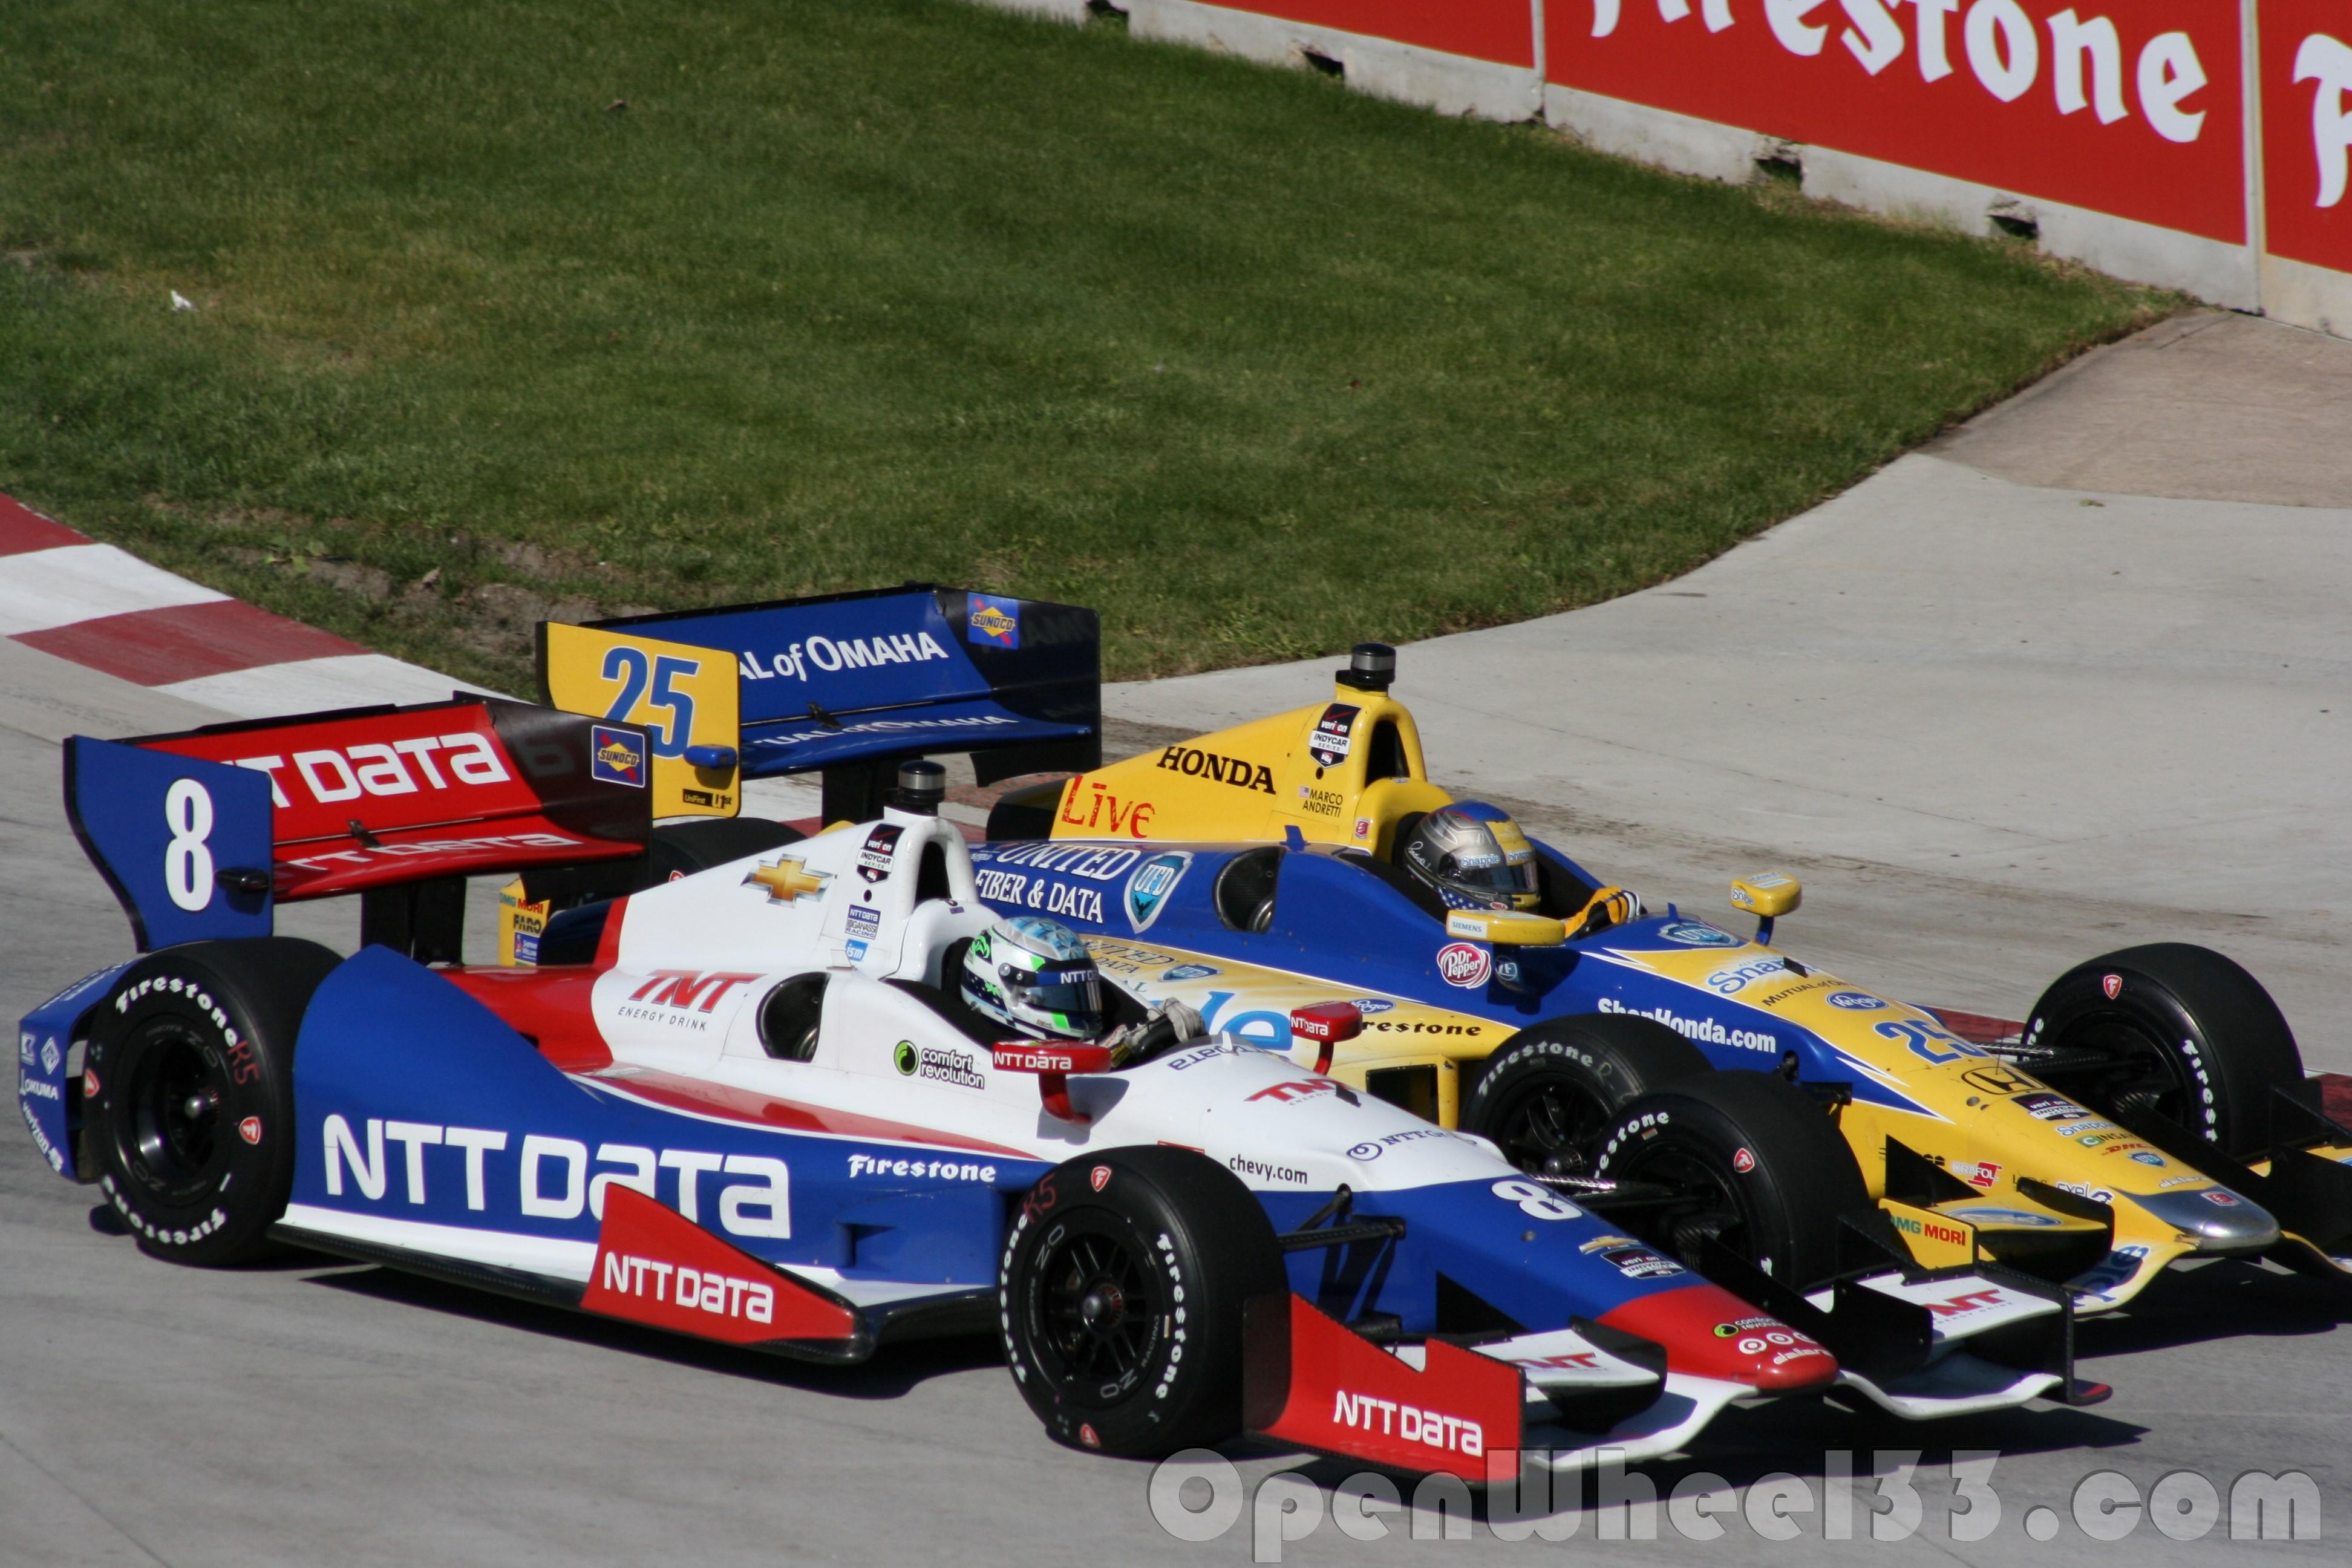 2014 Detroit GP R1 - 72 - PH